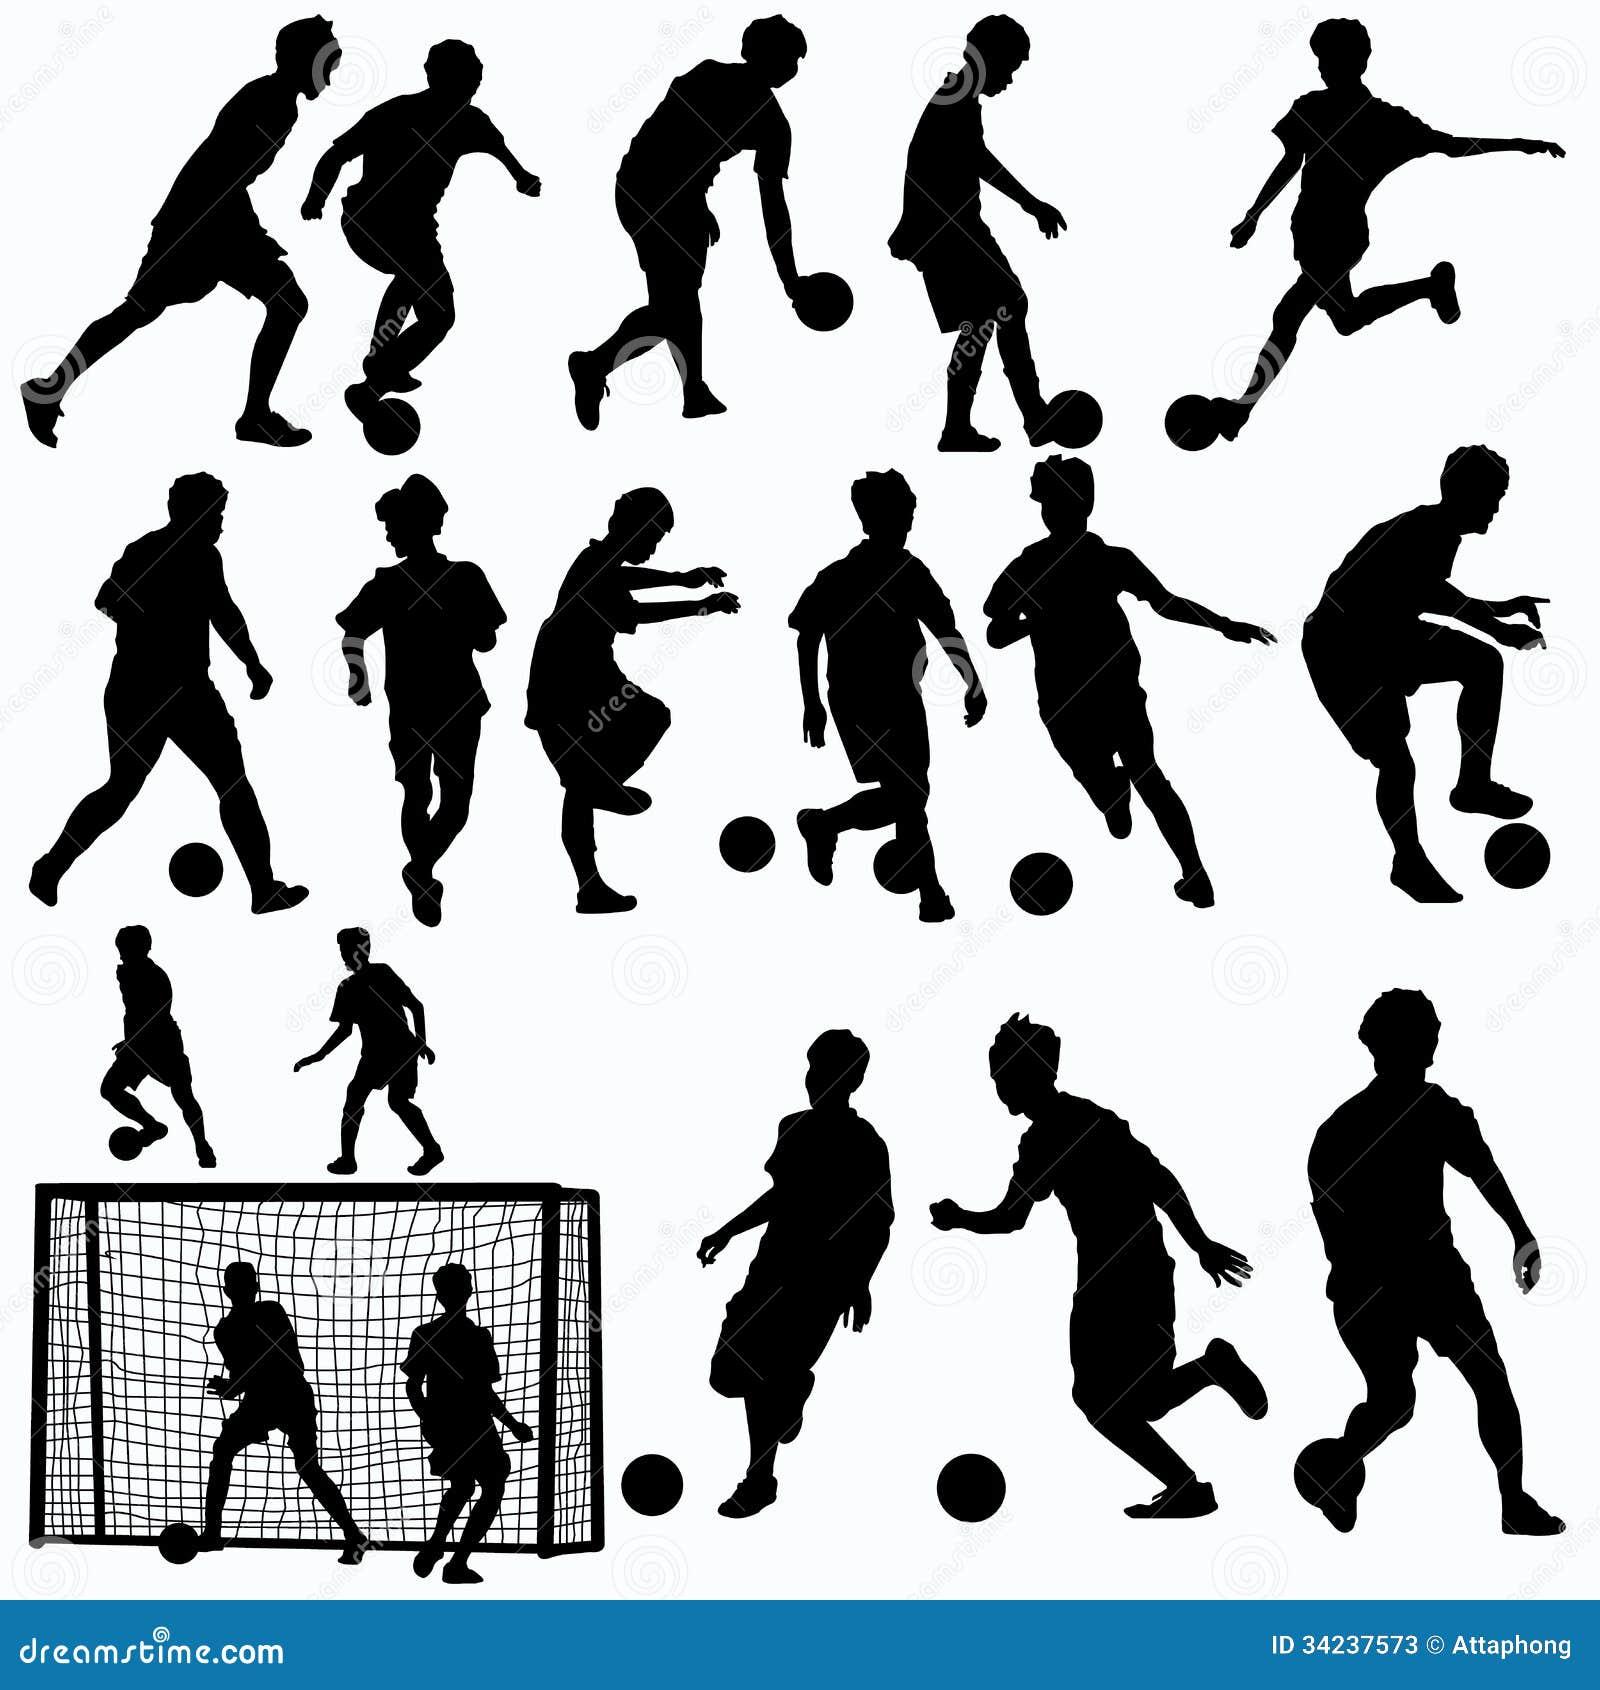 Futsal graczów sylwetki wektorowe